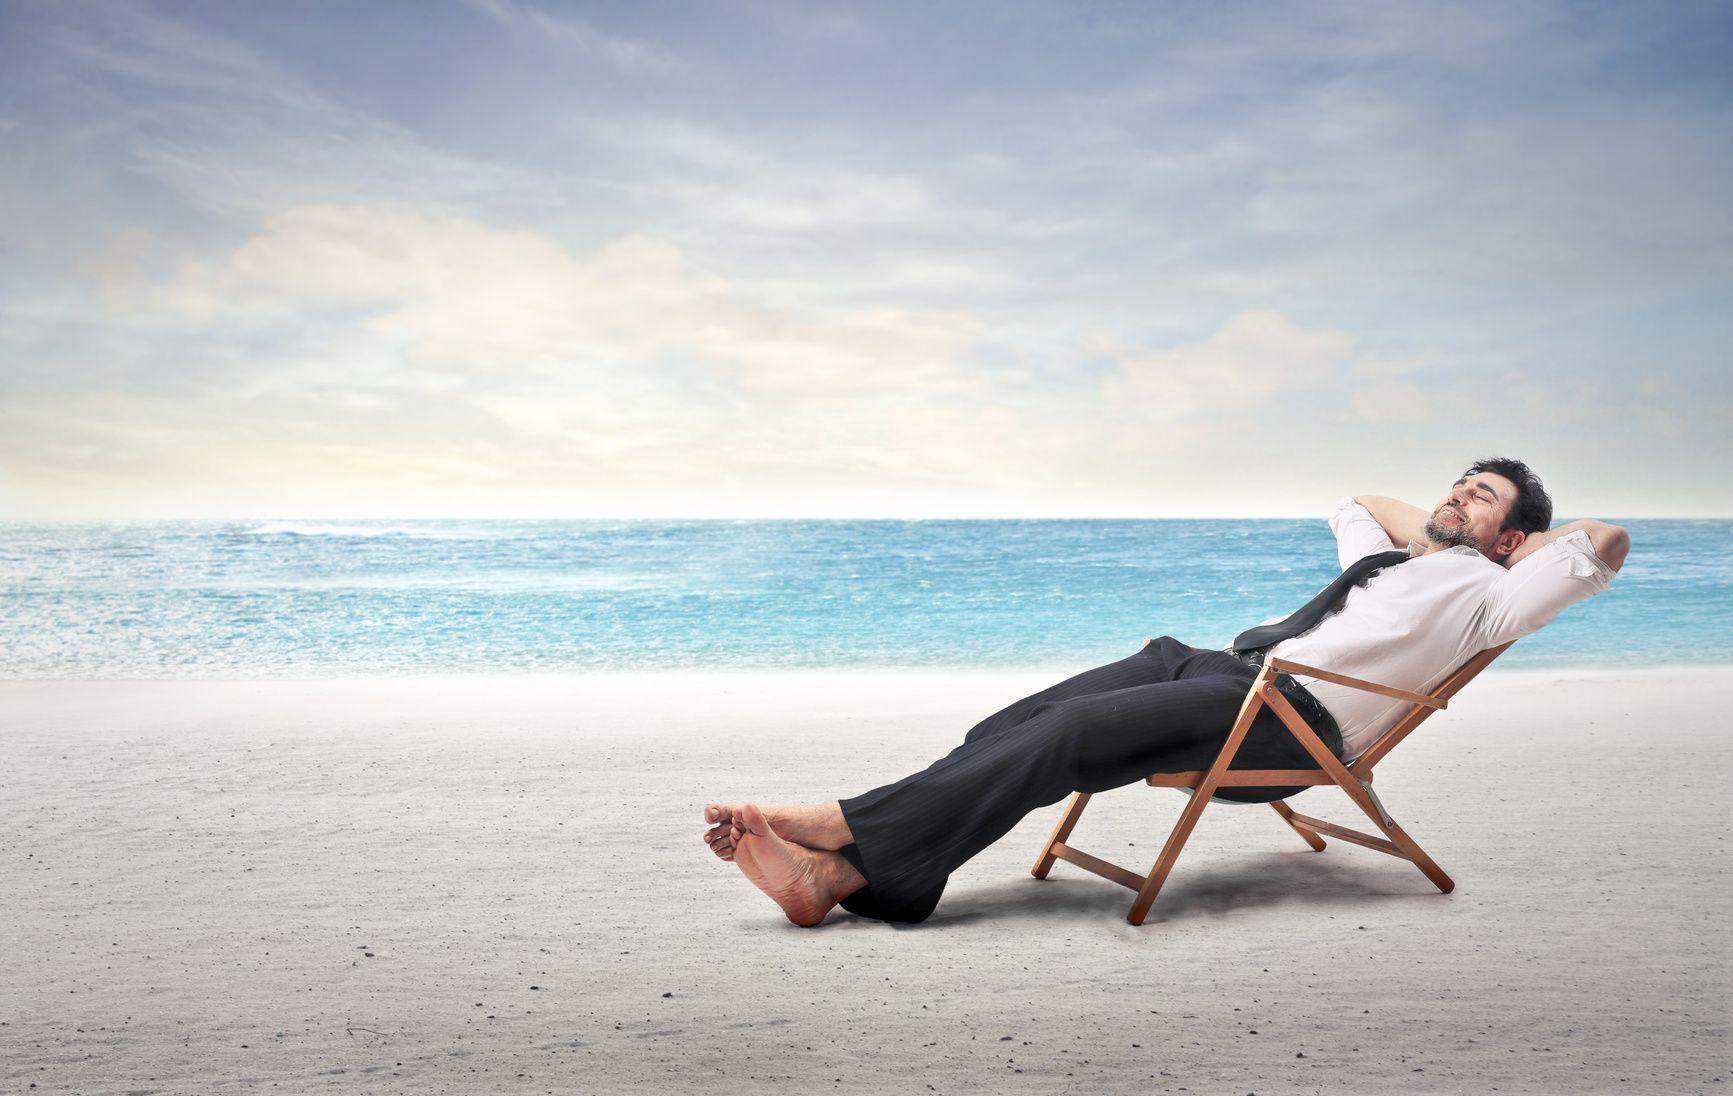 Vacaciones: calculá cuántos días te corresponden y cuánto tenés que cobrar